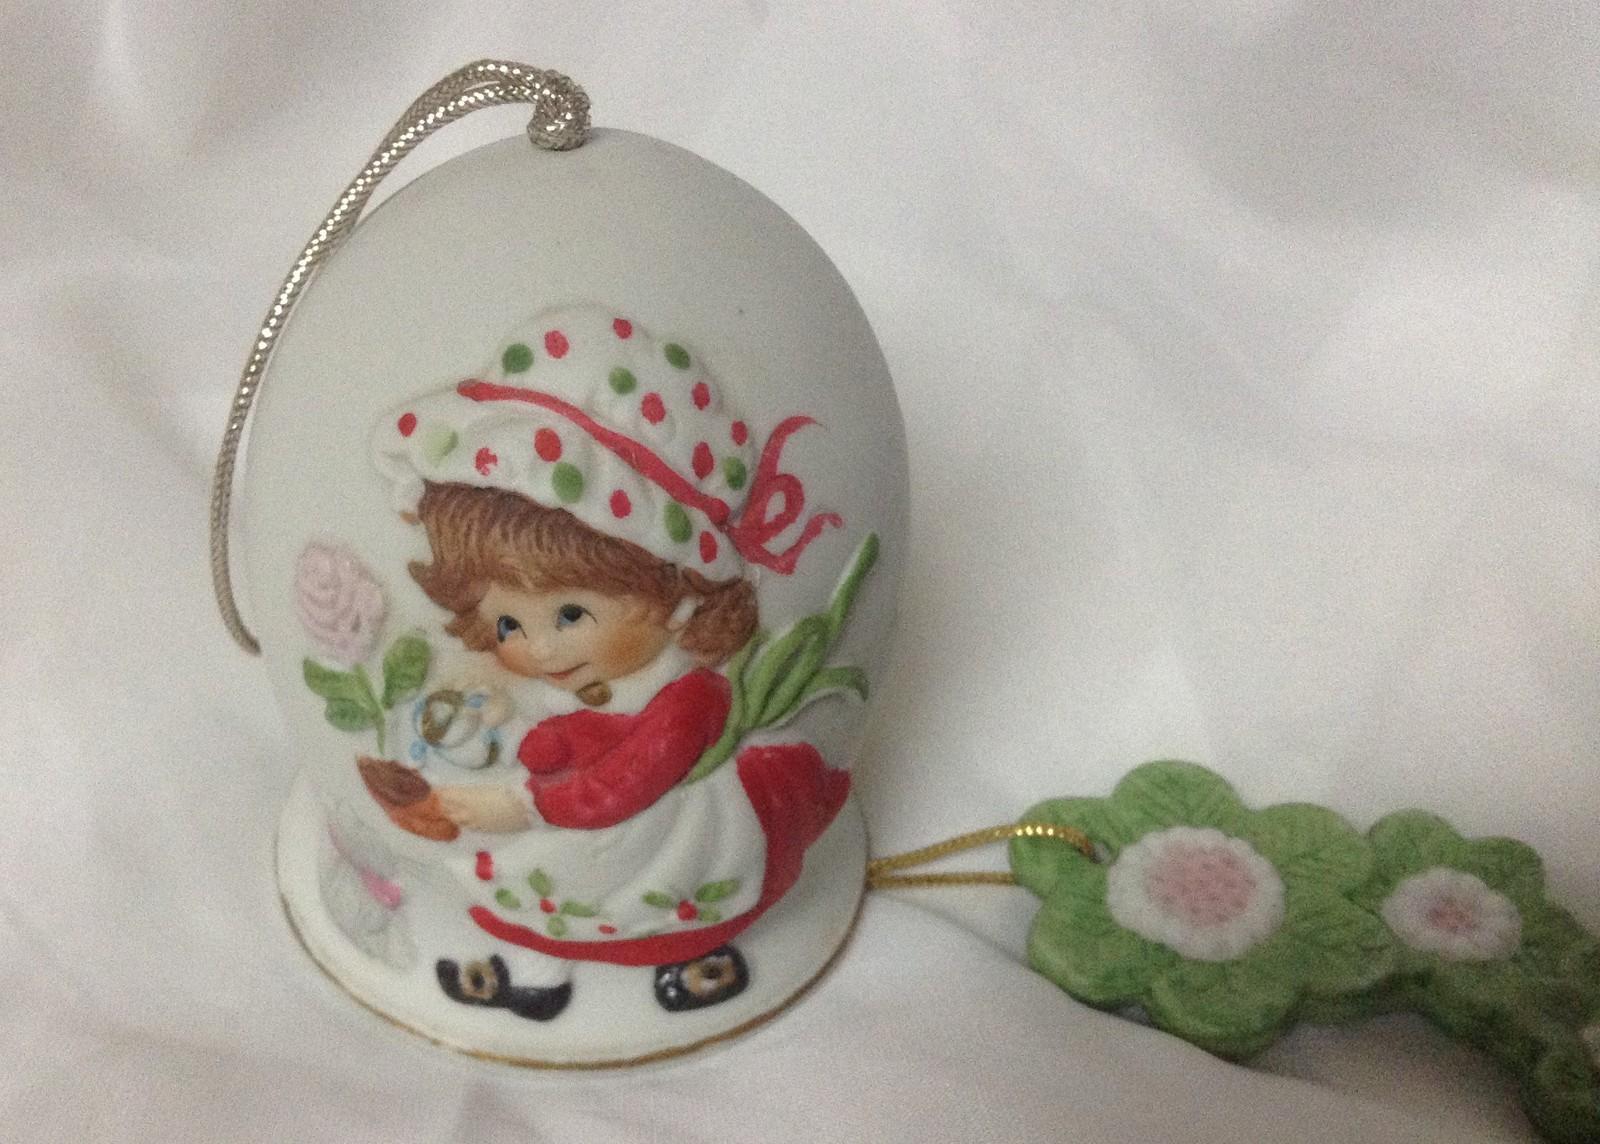 Dutch Girl & Kitten Porcelain Bell Ornament Jasco 1981